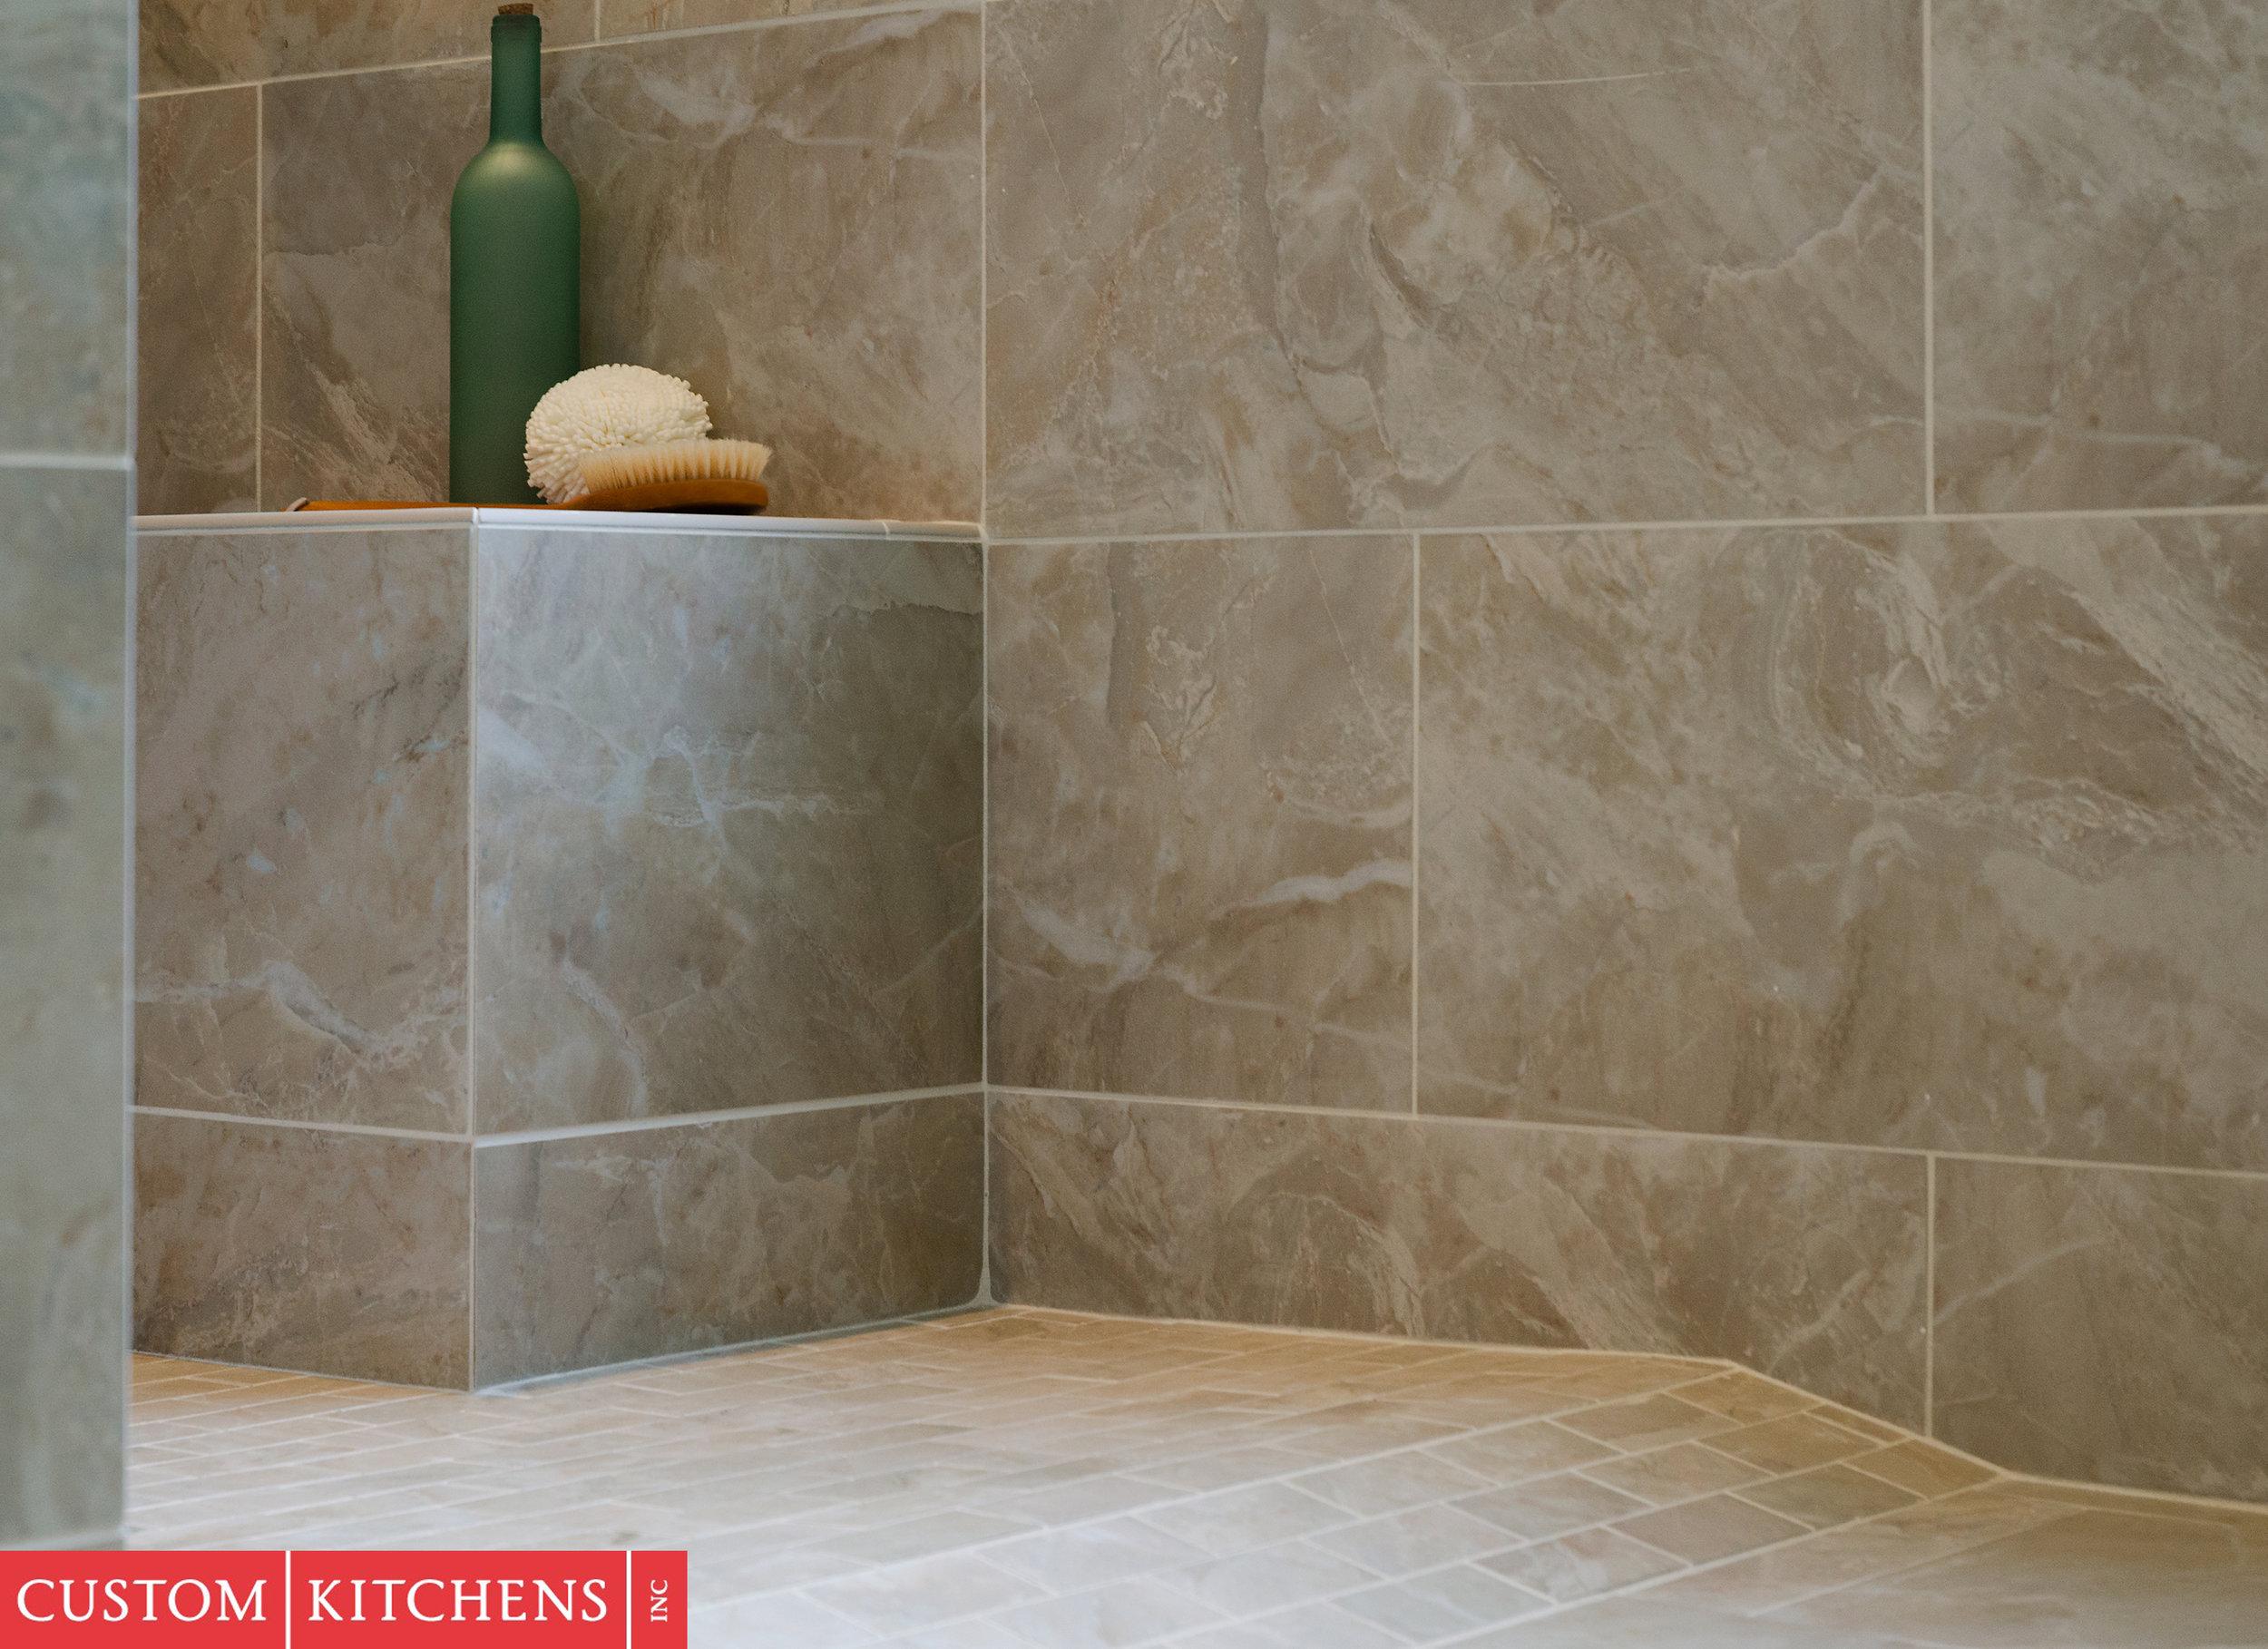 CKI-Logo-Master-Bath-8-5312016.jpg